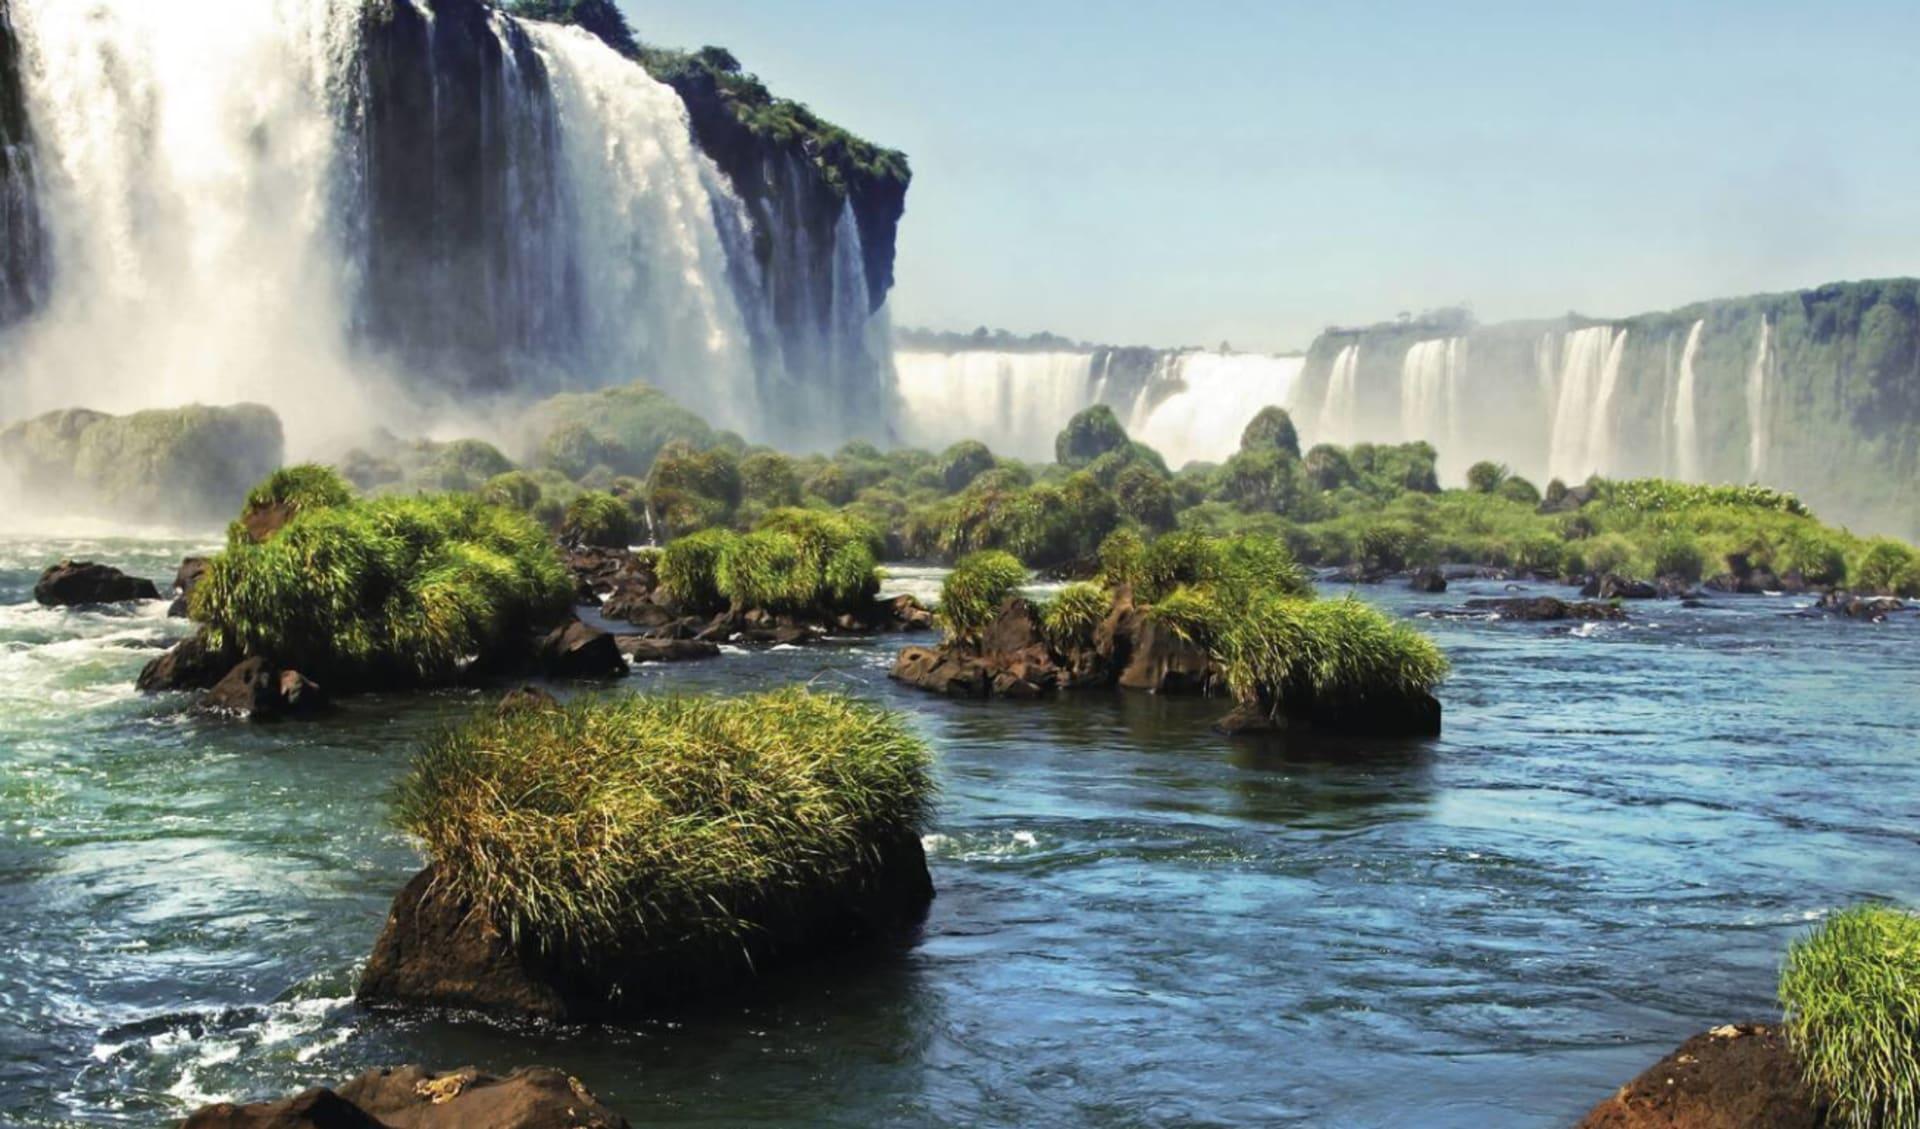 Gruppenreise Naturaleza Magica ab Foz do Iguaçu: Iguaçu